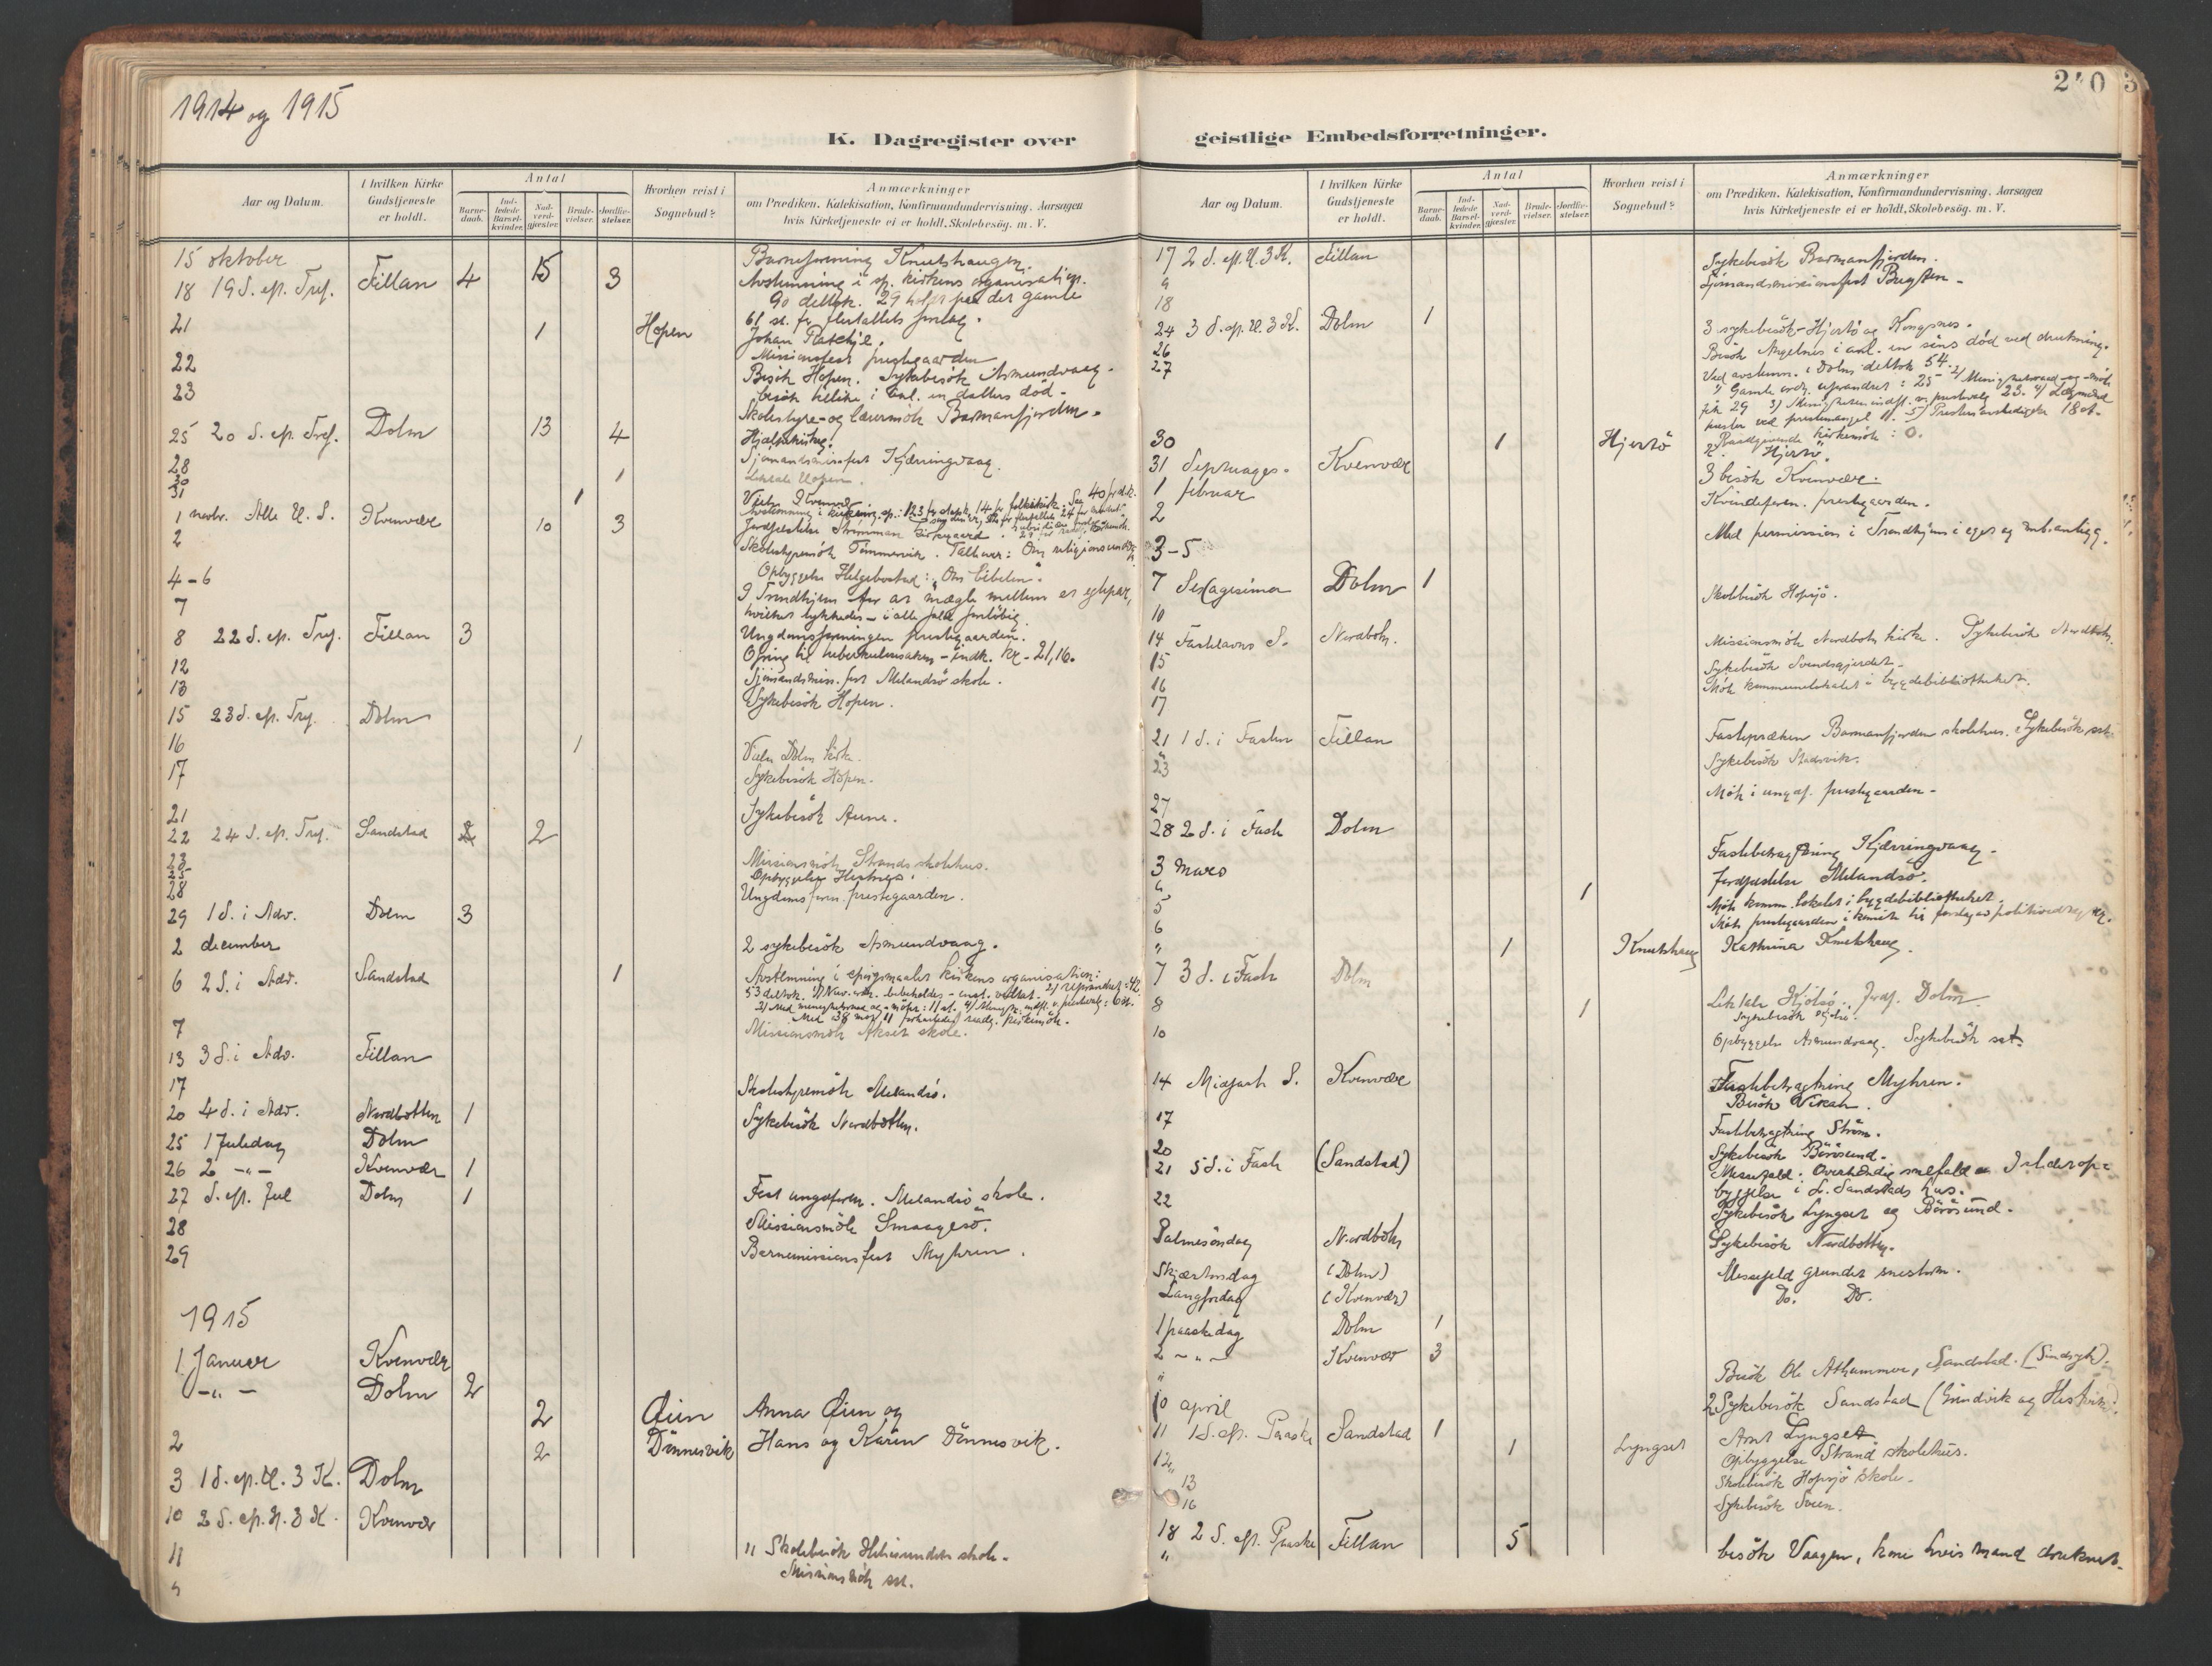 SAT, Ministerialprotokoller, klokkerbøker og fødselsregistre - Sør-Trøndelag, 634/L0537: Ministerialbok nr. 634A13, 1896-1922, s. 240